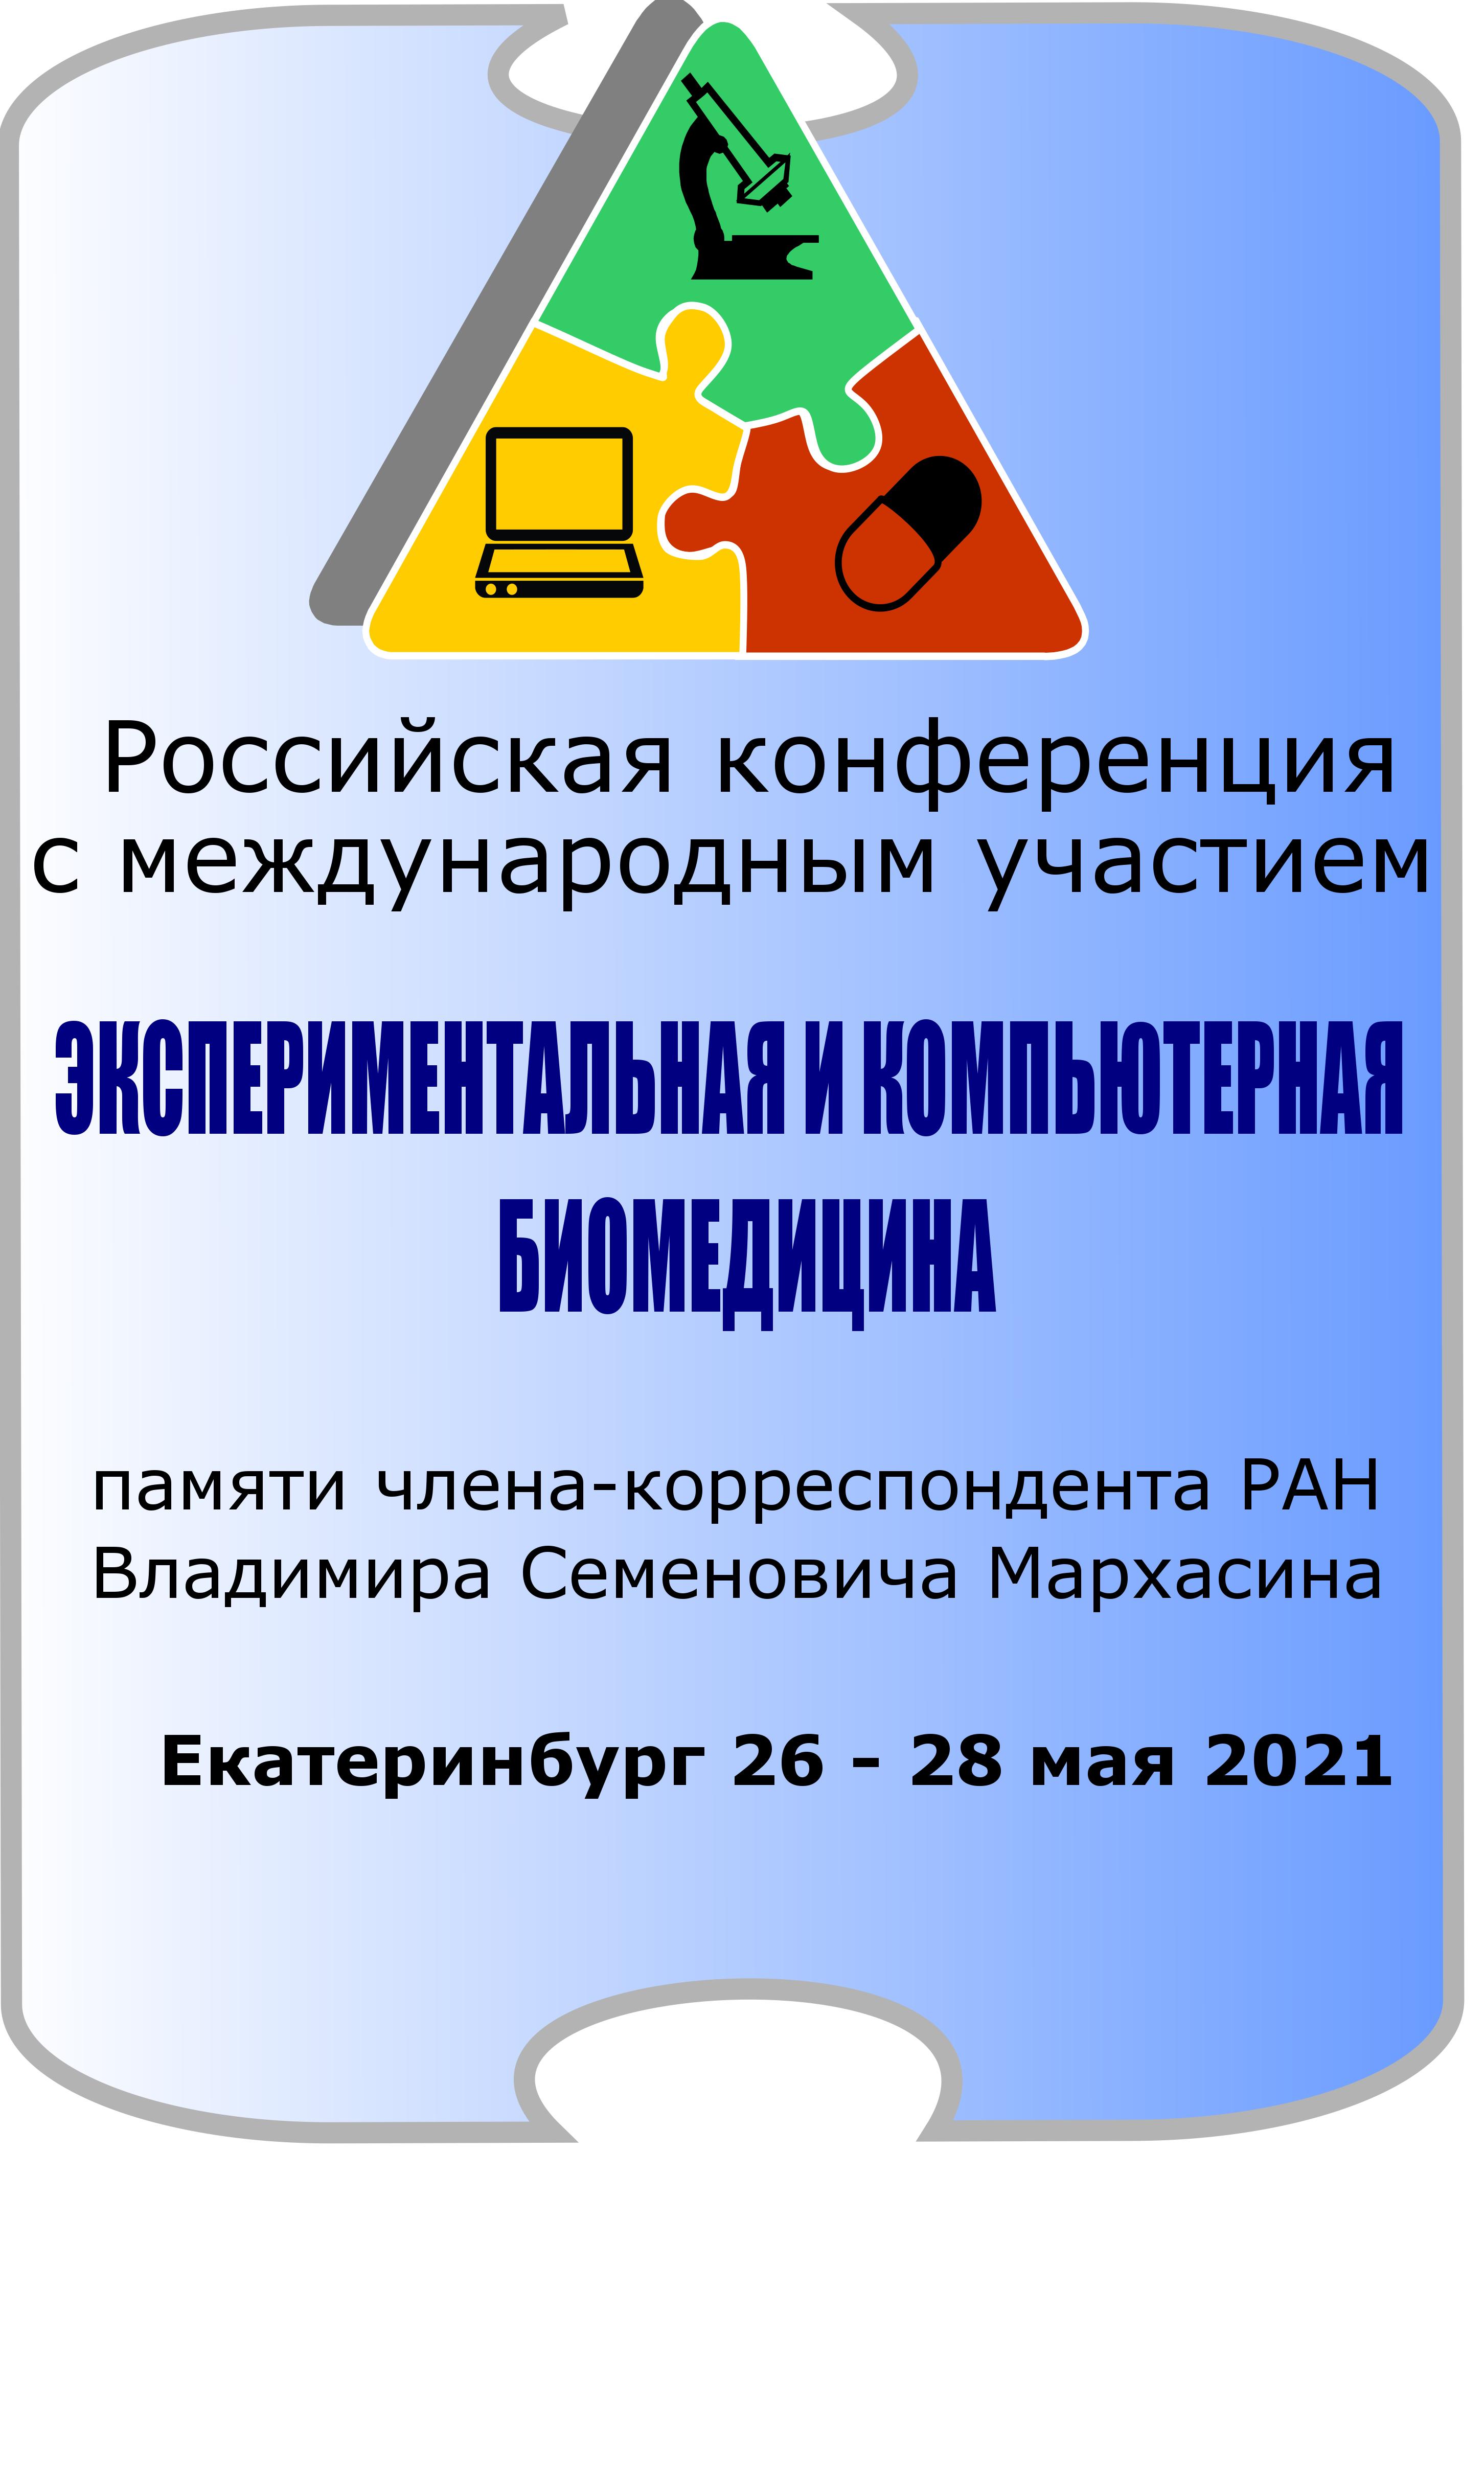 Российская конференция с международным участием «ЭКСПЕРИМЕНТАЛЬНАЯ И КОМПЬЮТЕРНАЯ БИОМЕДИЦИНА 2021»